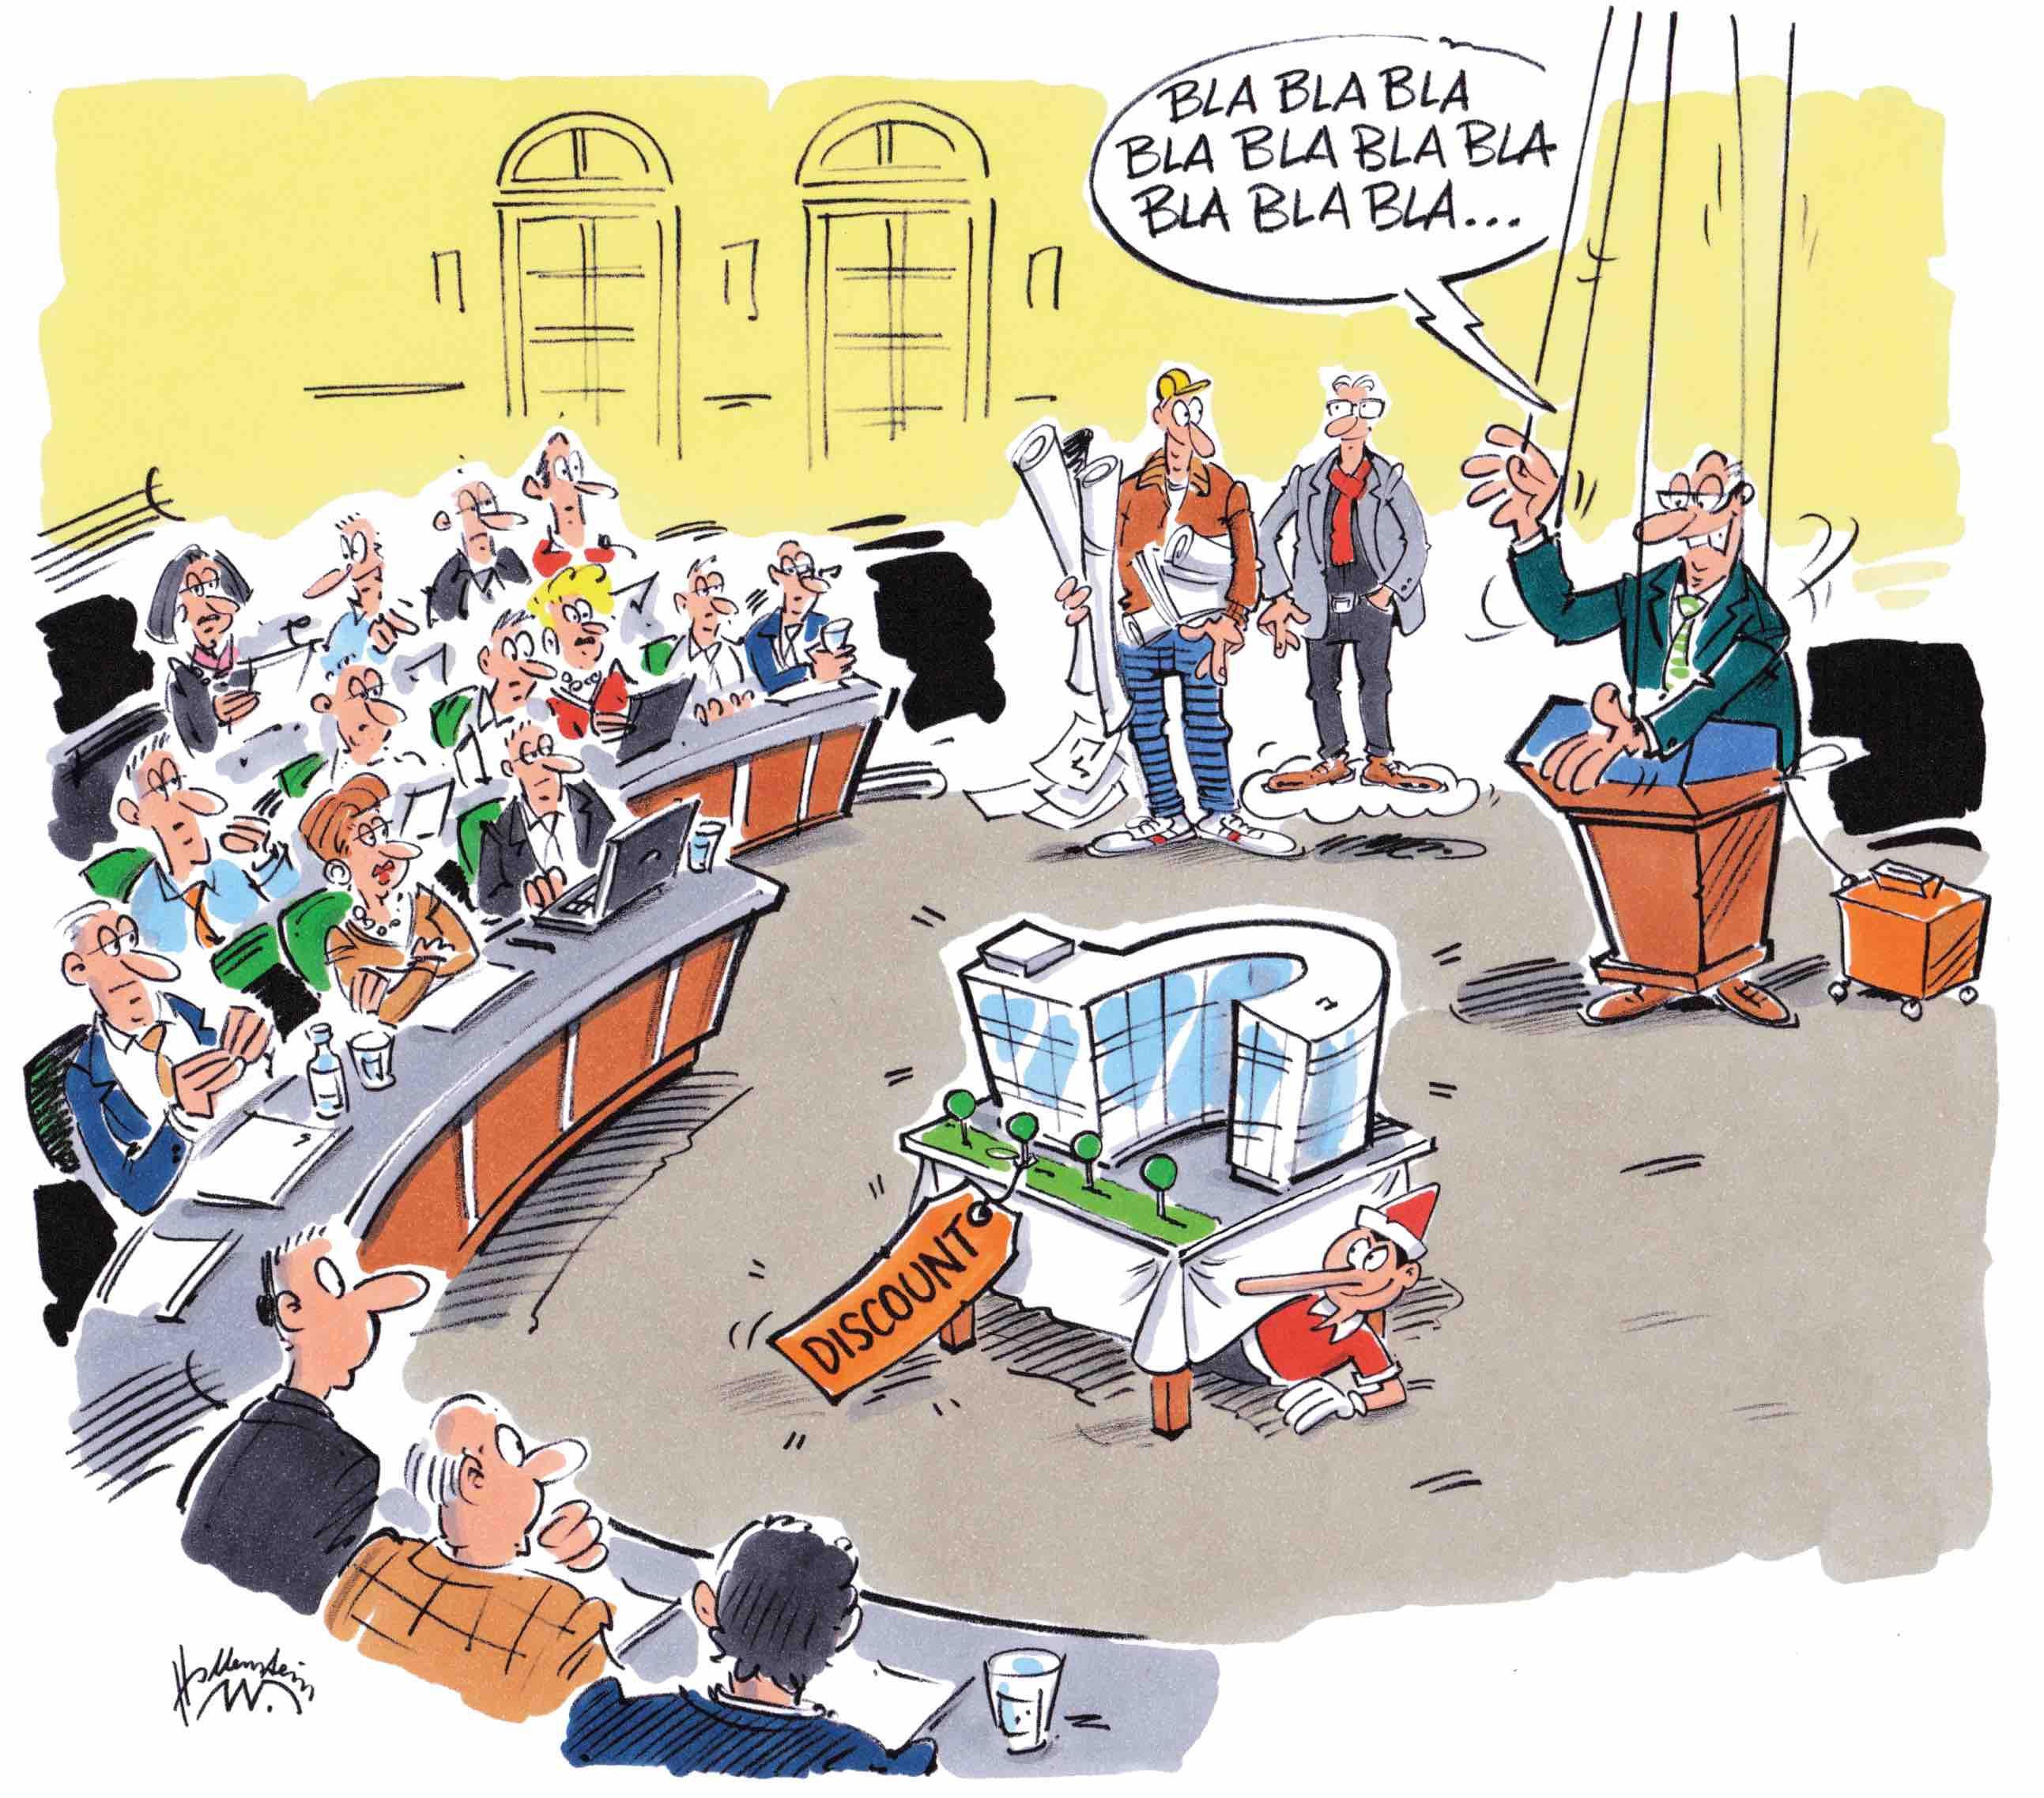 Einstimmiger Beschluss der Bürgerschaft zum Bau der Elbphilharmonie (Anteil der Stadt an den Gesamtkosten 272 Mio. €)